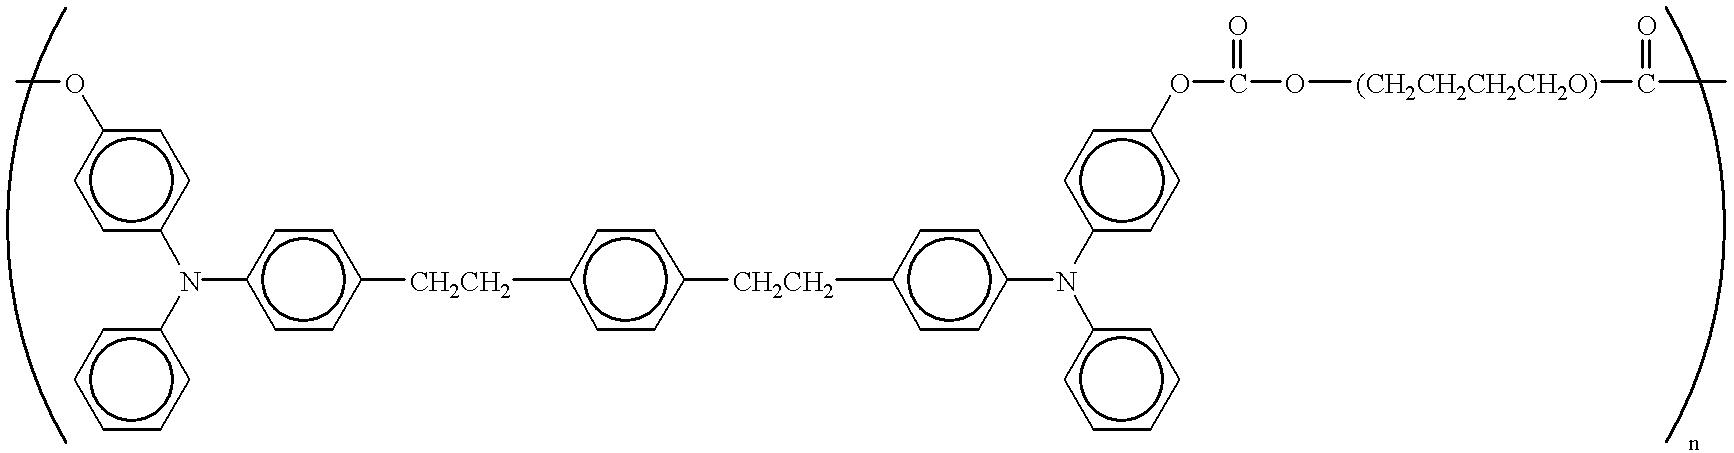 Figure US06558863-20030506-C00046